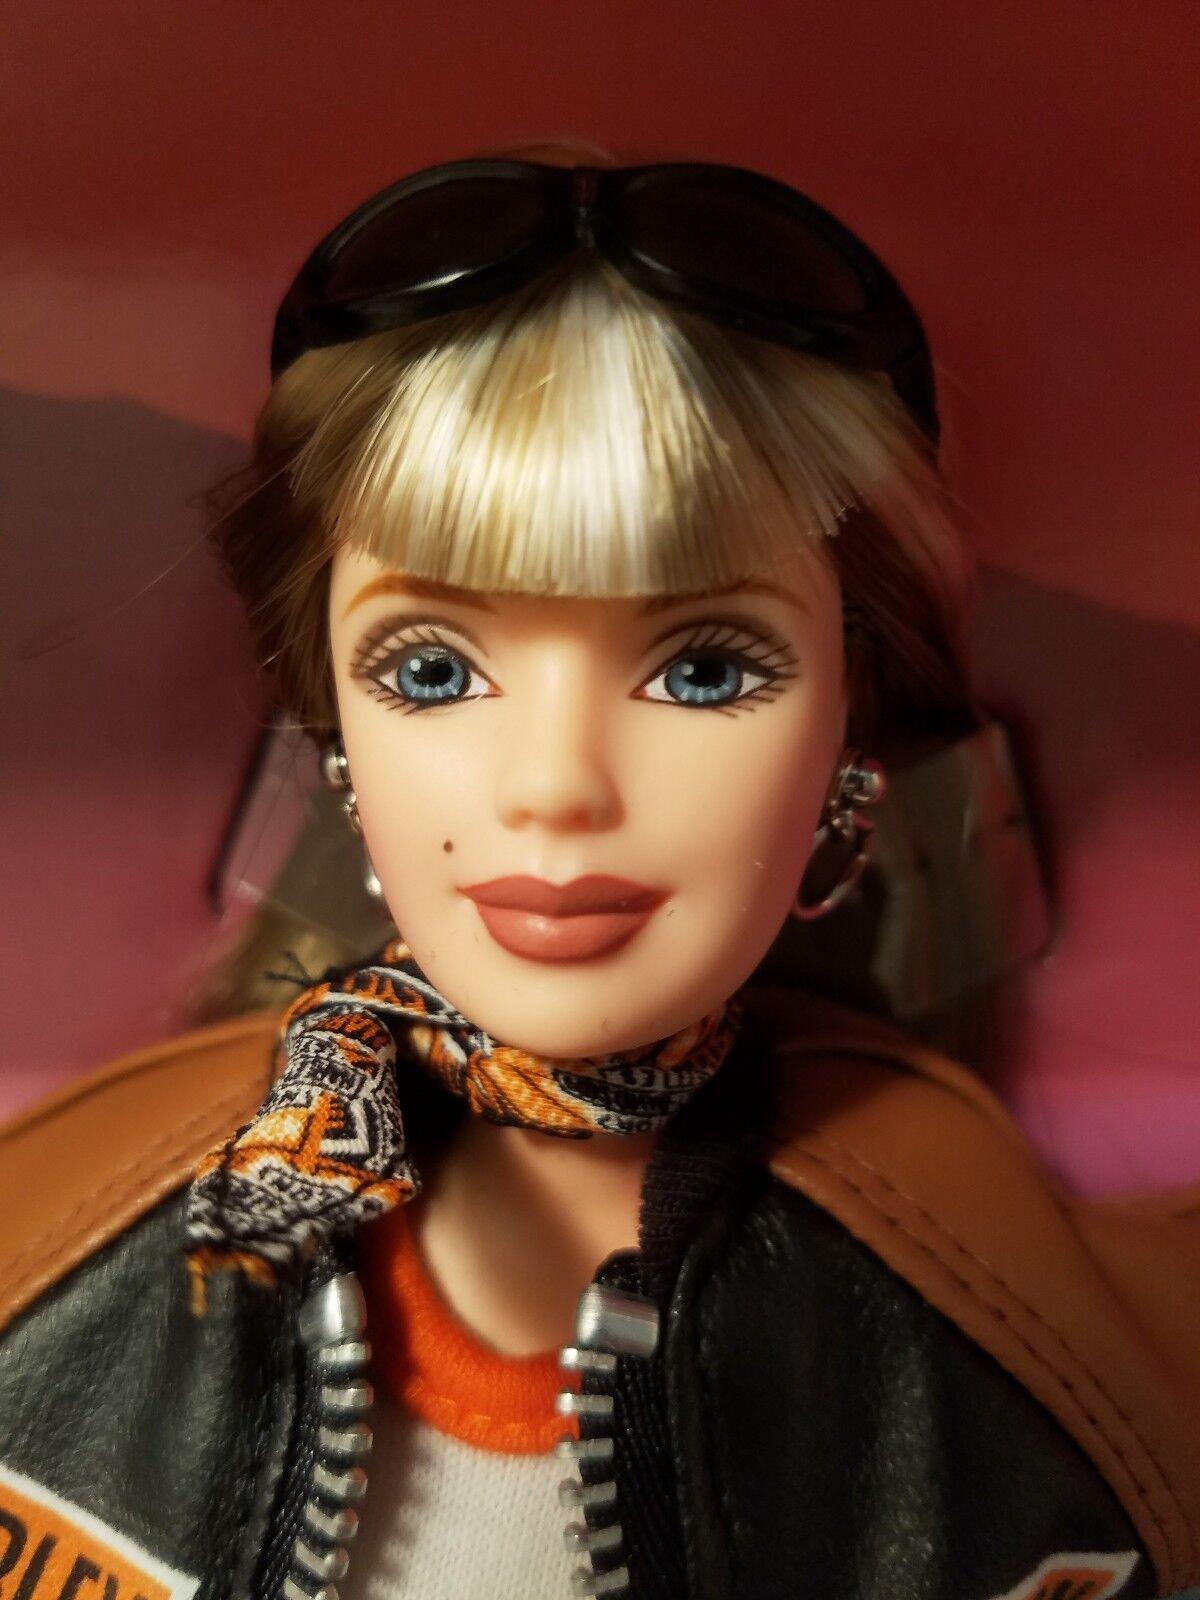 Harley Davidson Barbie 1999 Toys R Us Exclusive Rubia En Perfecto Estado